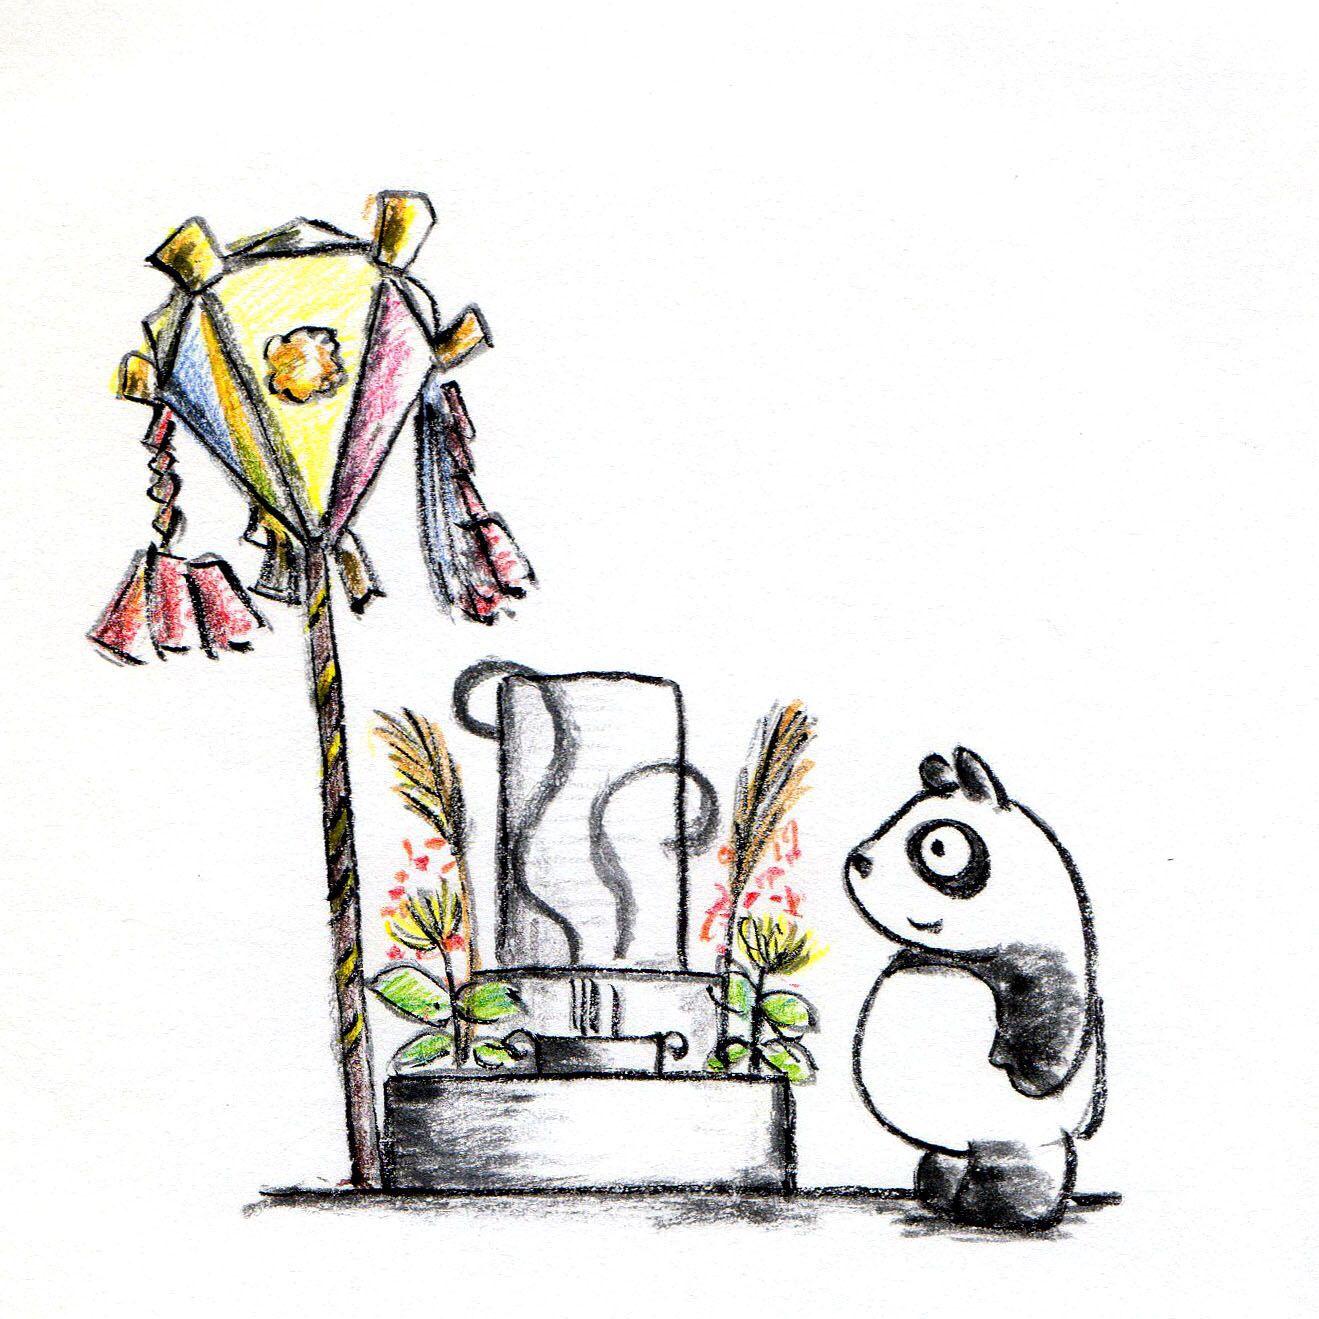 【一日一大熊猫】 2014.8.15 お盆のお墓参りに行ってきます。 僕の住んでいる地域では竹で作られた盆灯籠で飾られます。 親族皆が持ってくるため、結構派手になります。 初盆の時は白い盆灯籠です。 この盆灯籠は花屋はスーパー、コンビニでも簡単に買えますよ。